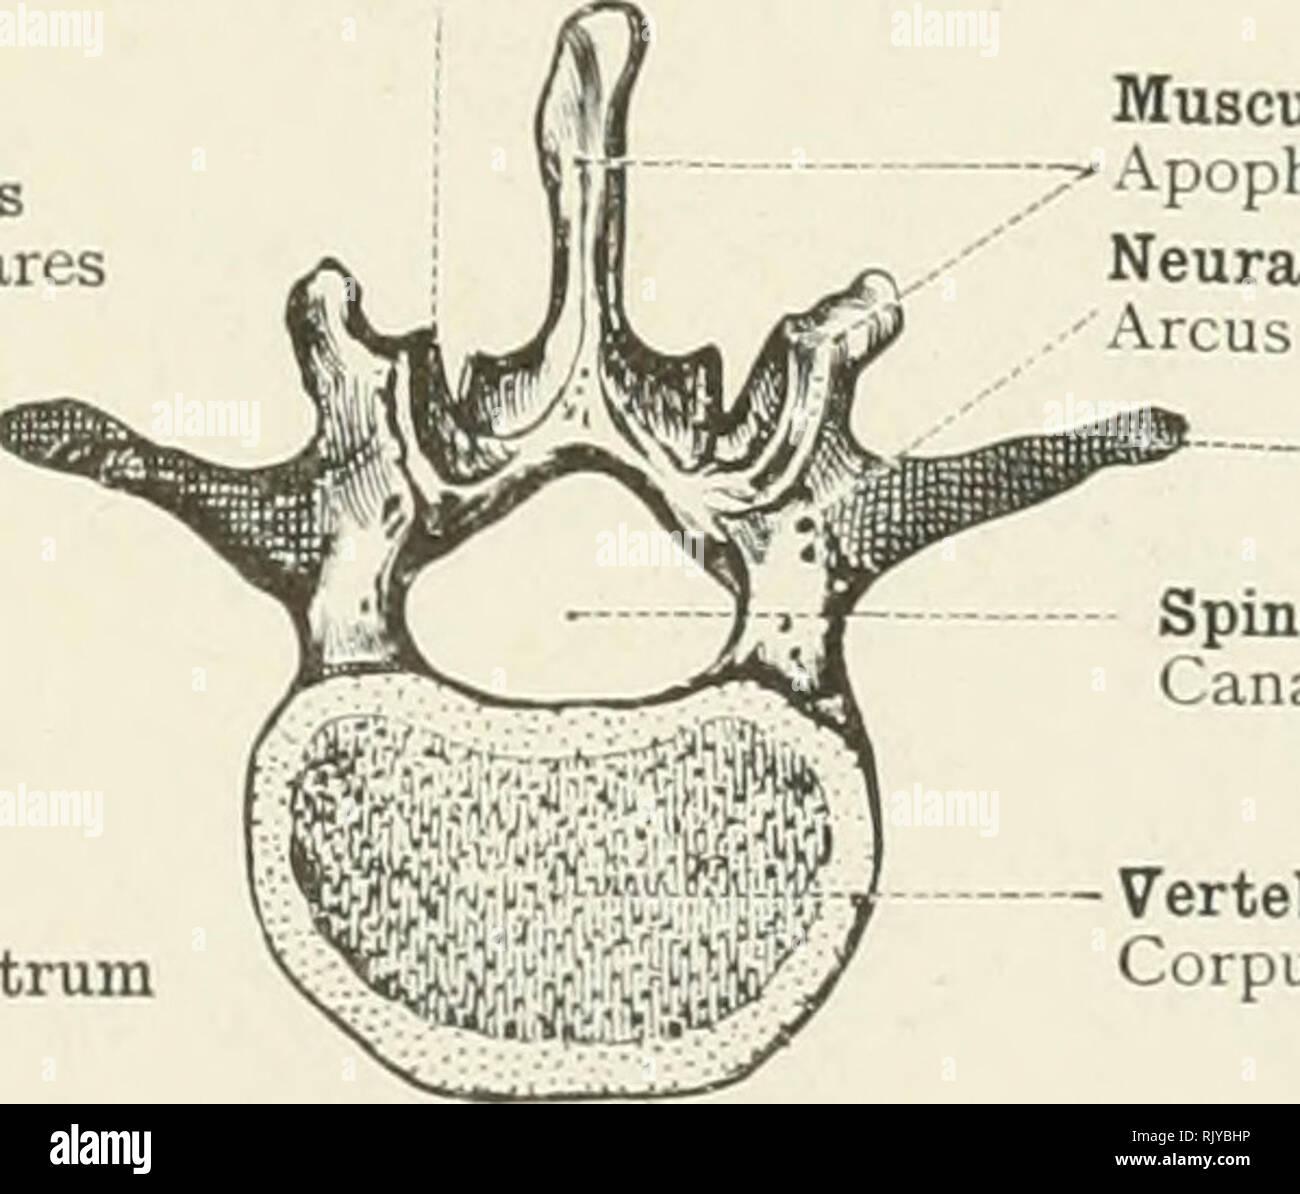 Vertebral Arch Vertebrae Anatomy Tollebild